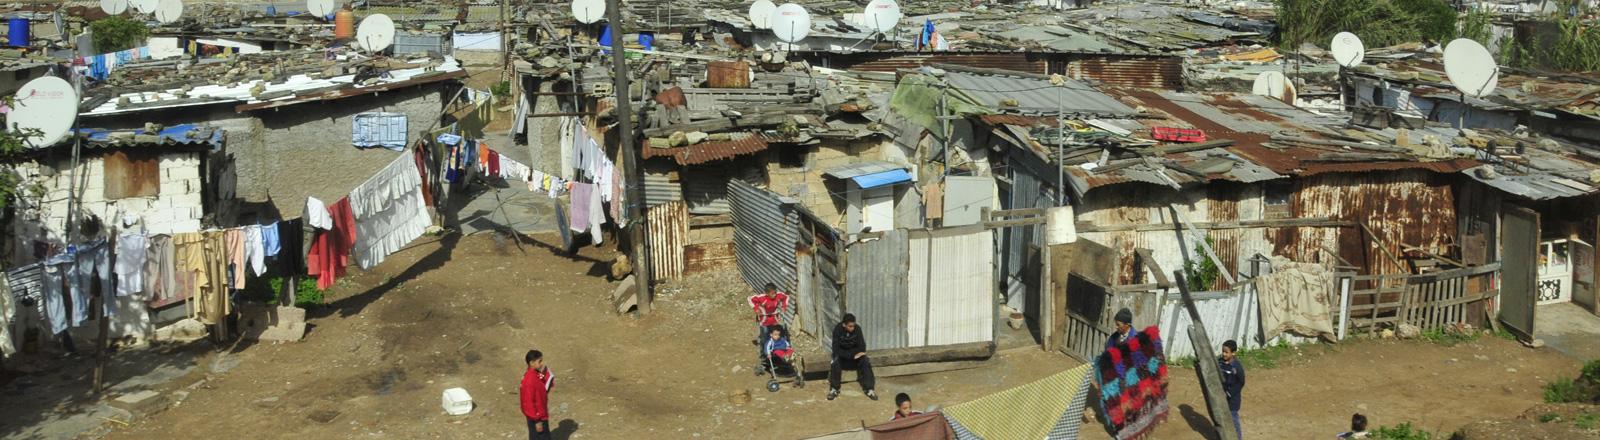 Blick auf Elendsviertel an der Bahnstrecke bei Casablanca (Marokko), aufgenommen am 05.11.2008.